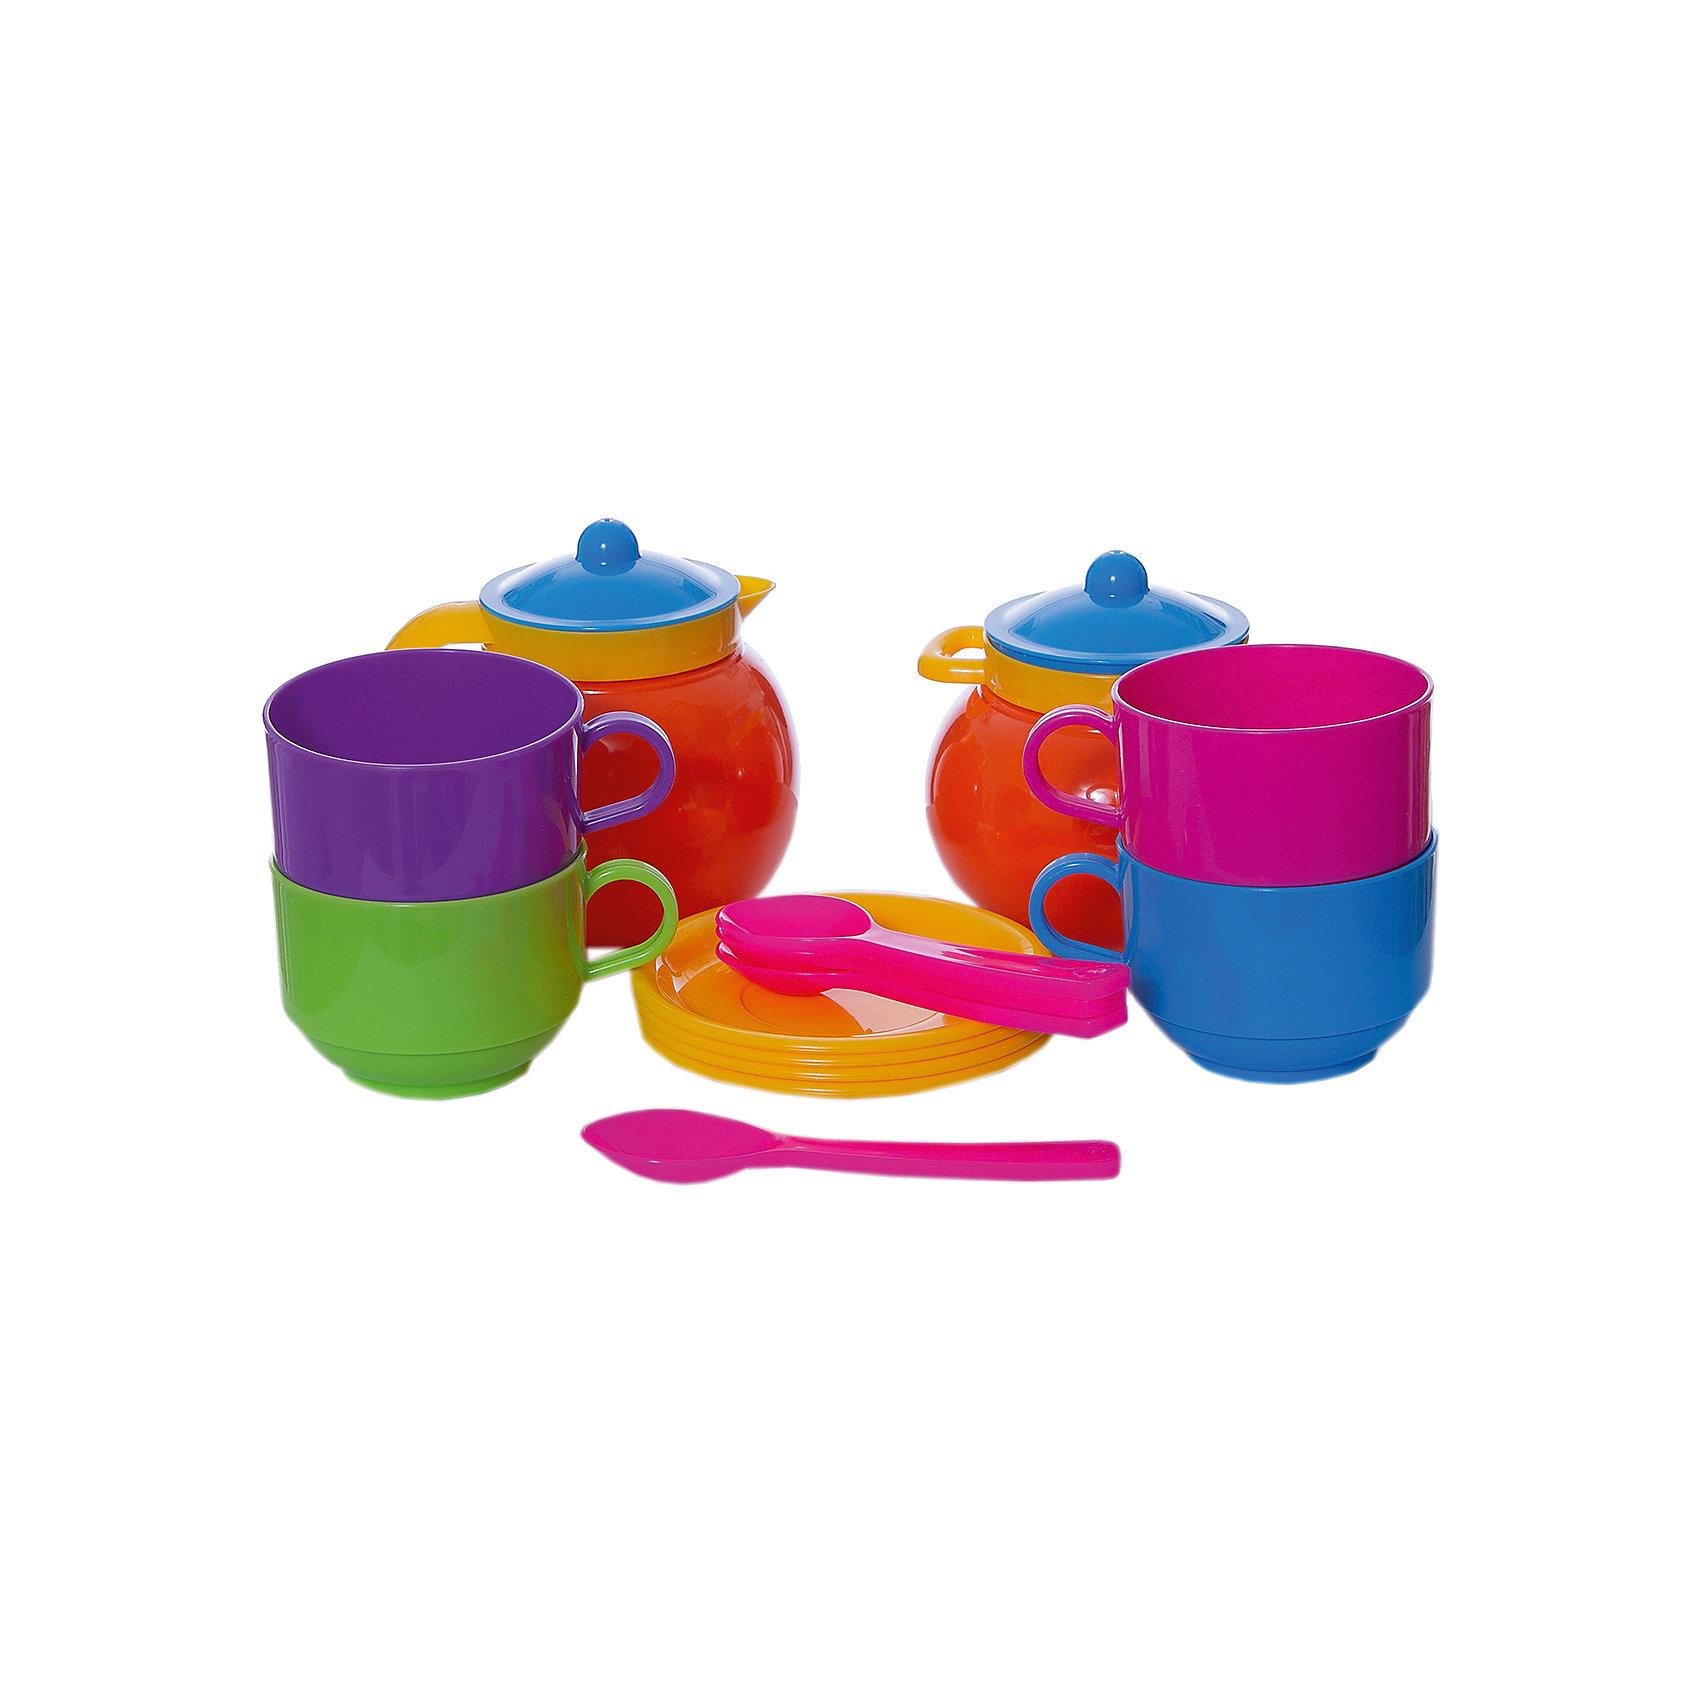 Стеллар Стеллар Детская посуда Чайный набор стеллар детская посуда чайный набор